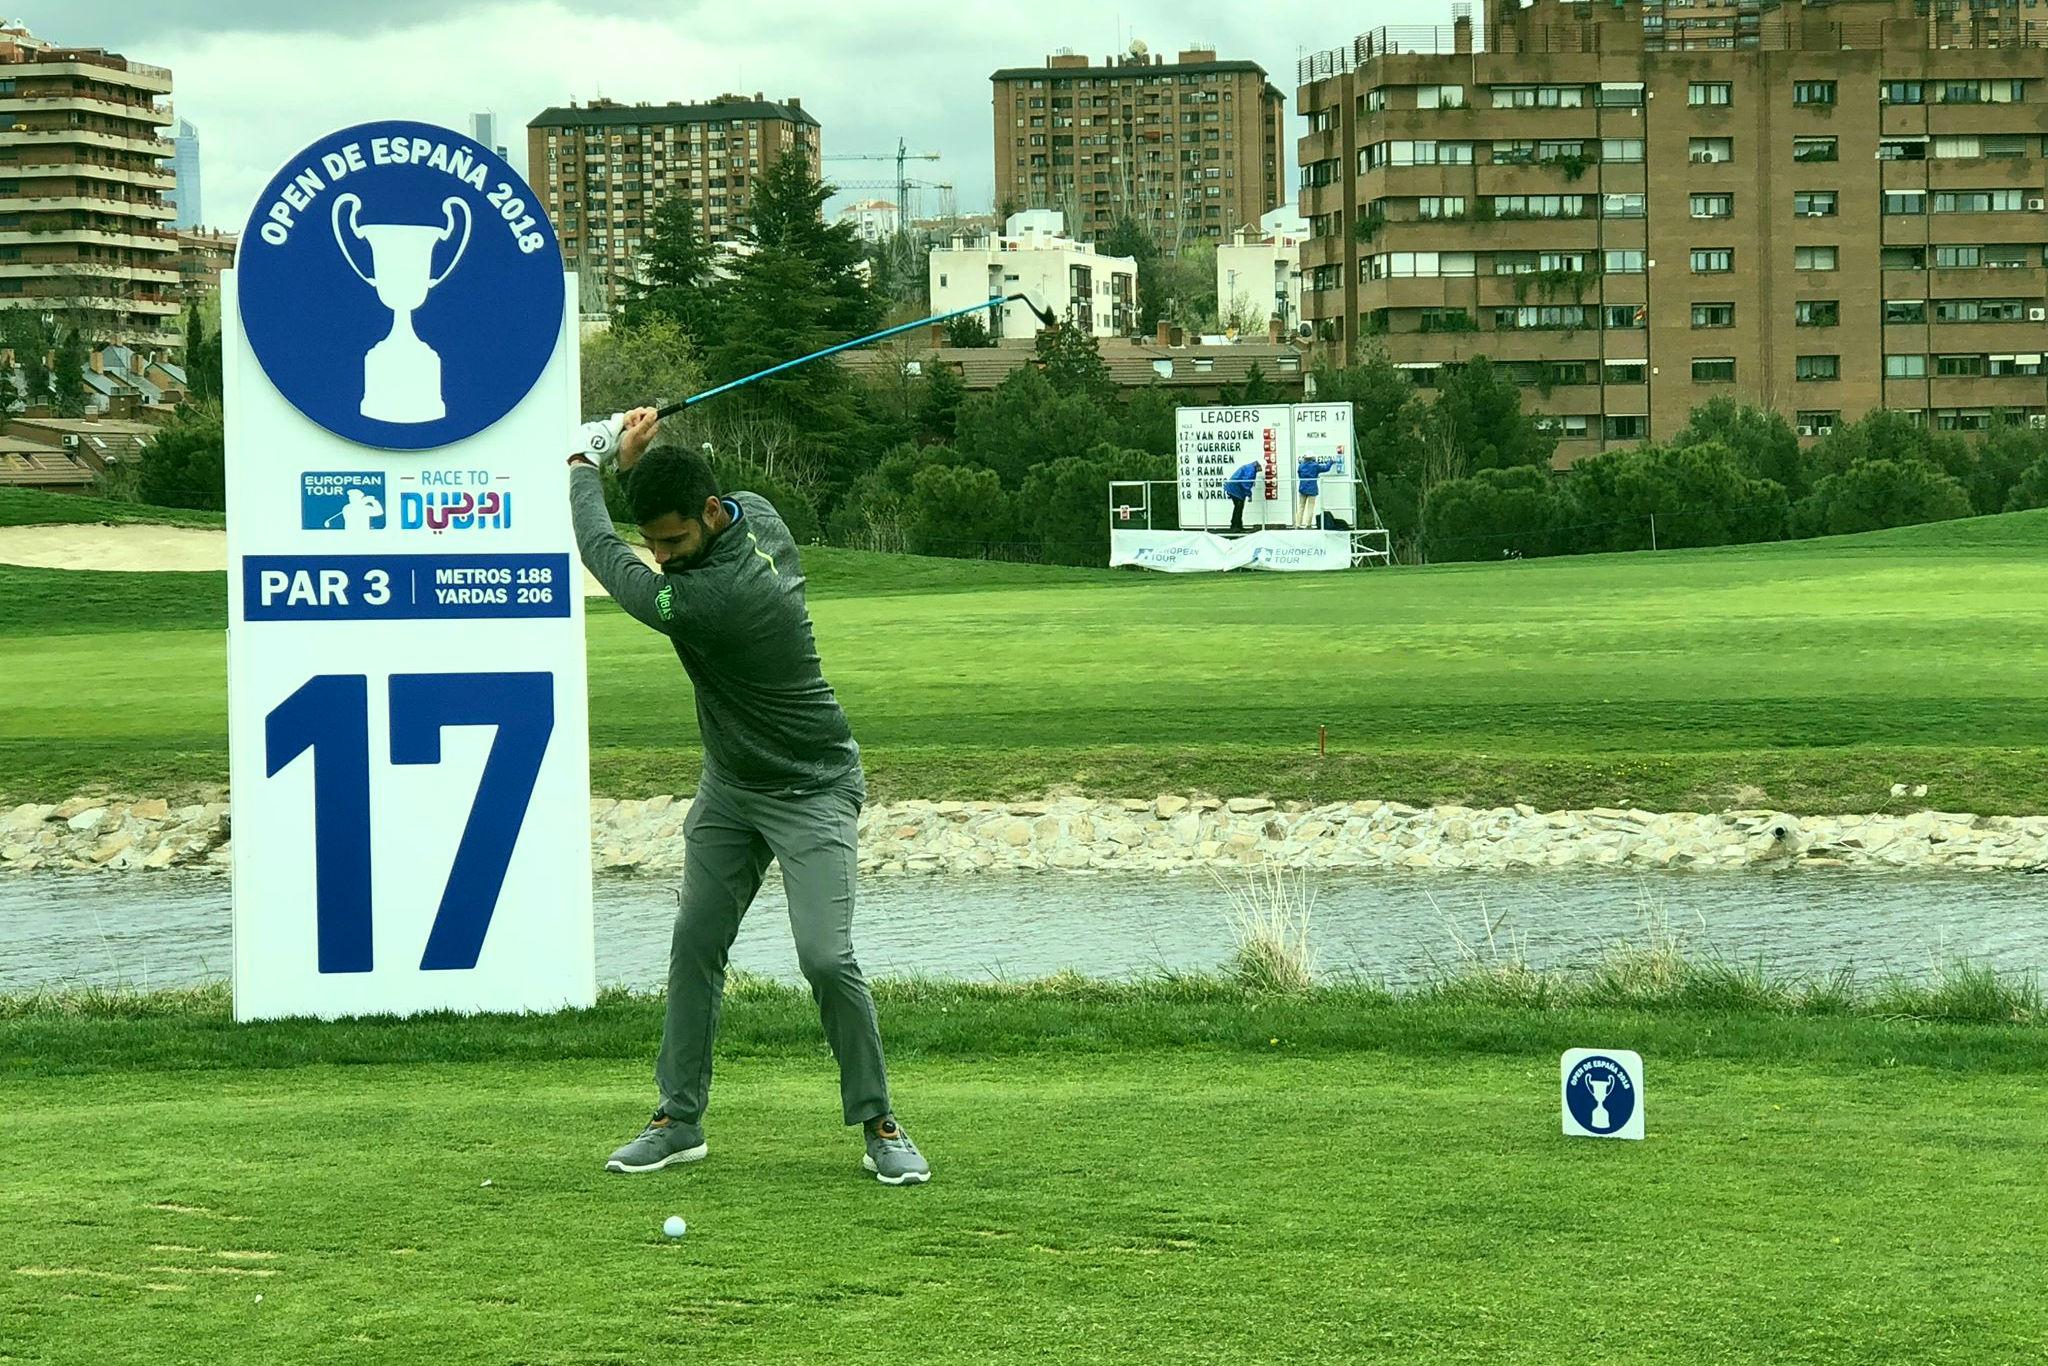 Open de España 2018